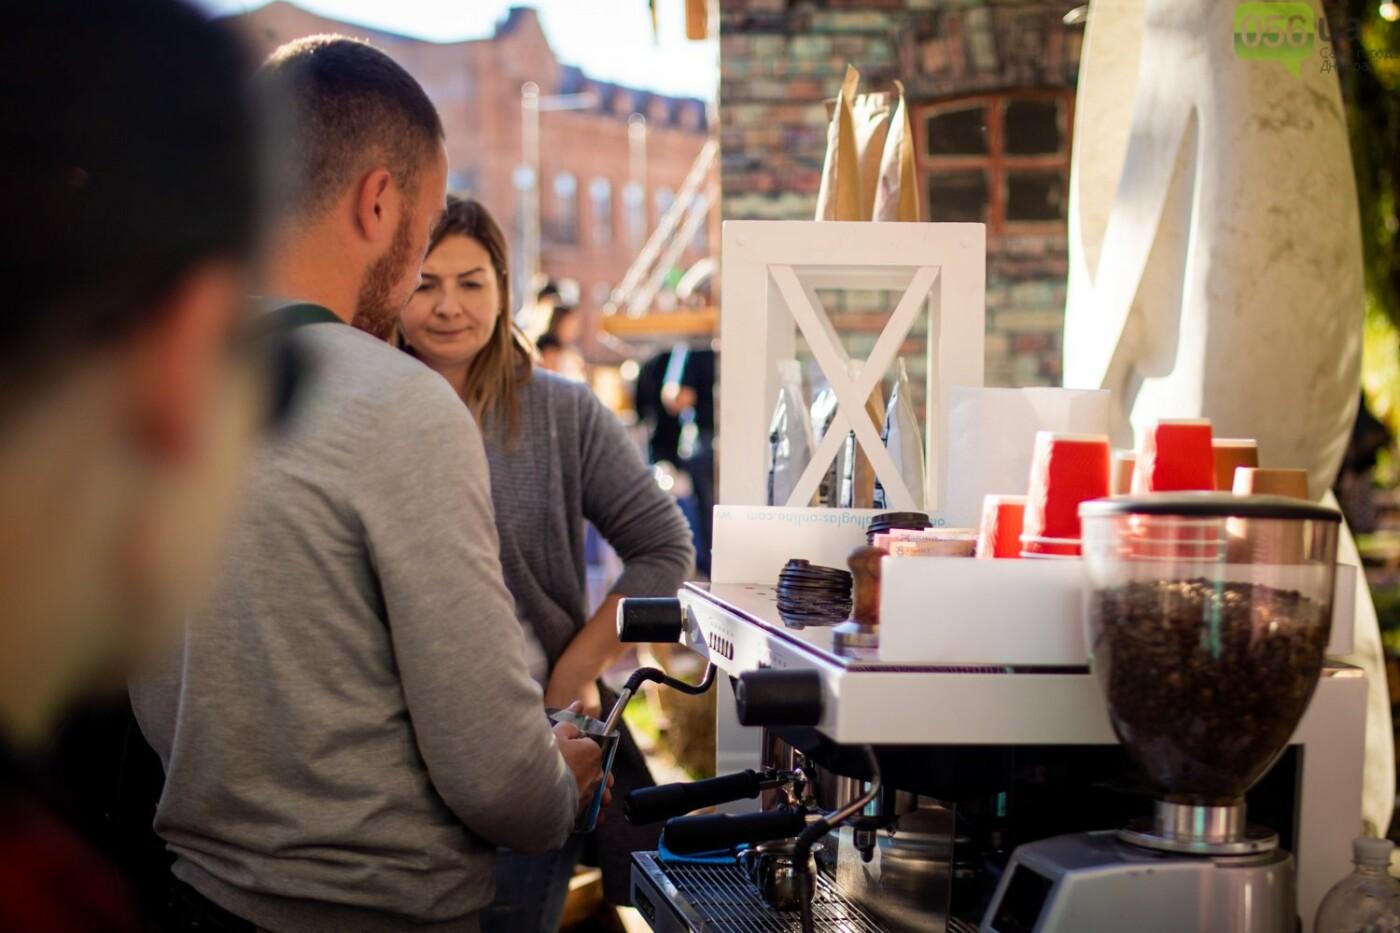 Кофейные ароматы, шоколад и солнце: как в Днепре прошел фестиваль «Осень с привкусом кофе», - ФОТОРЕПОРТАЖ, фото-3